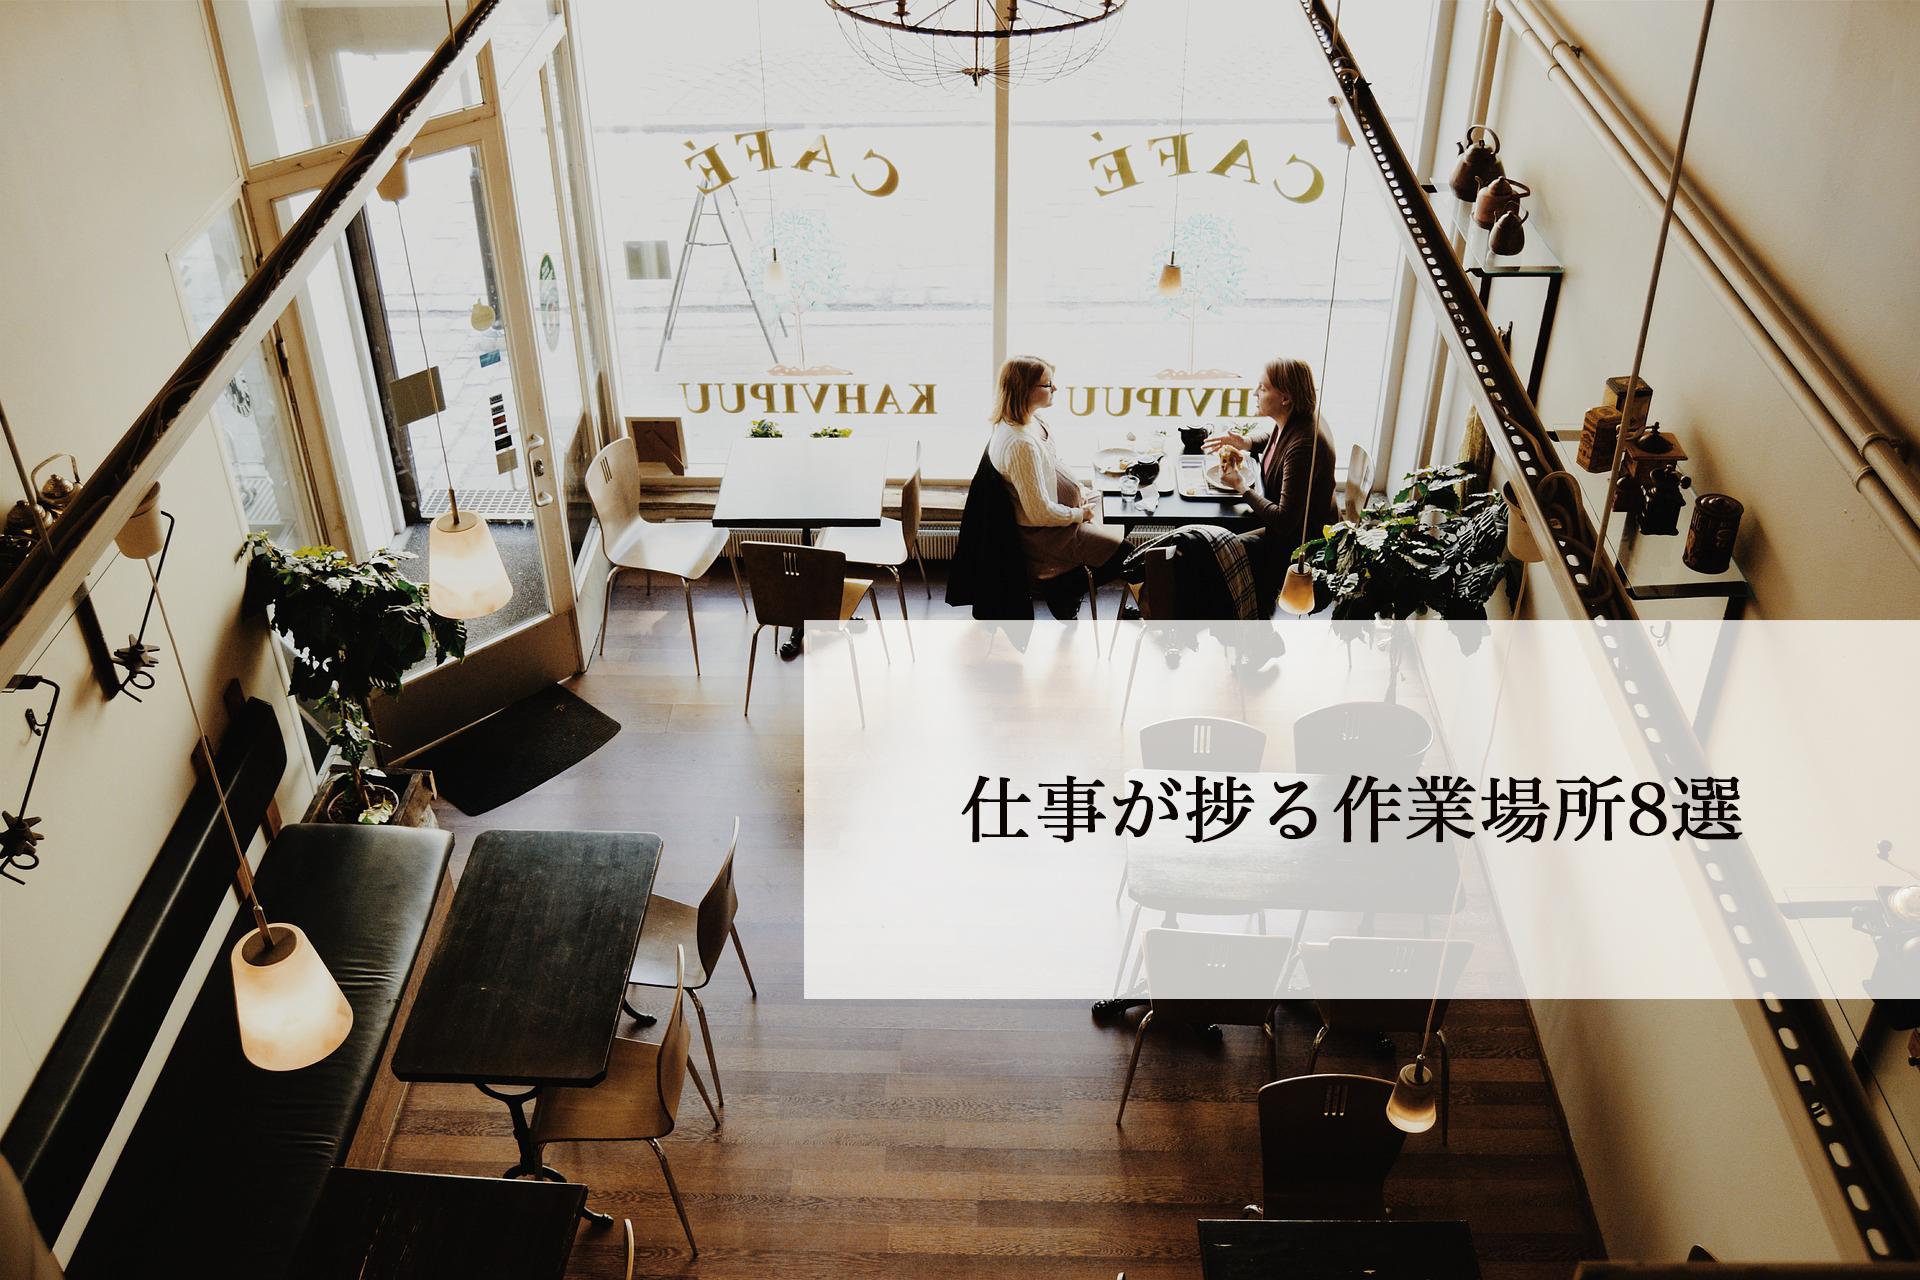 仕事に集中する場所を利用する。作業が捗る場所8選!